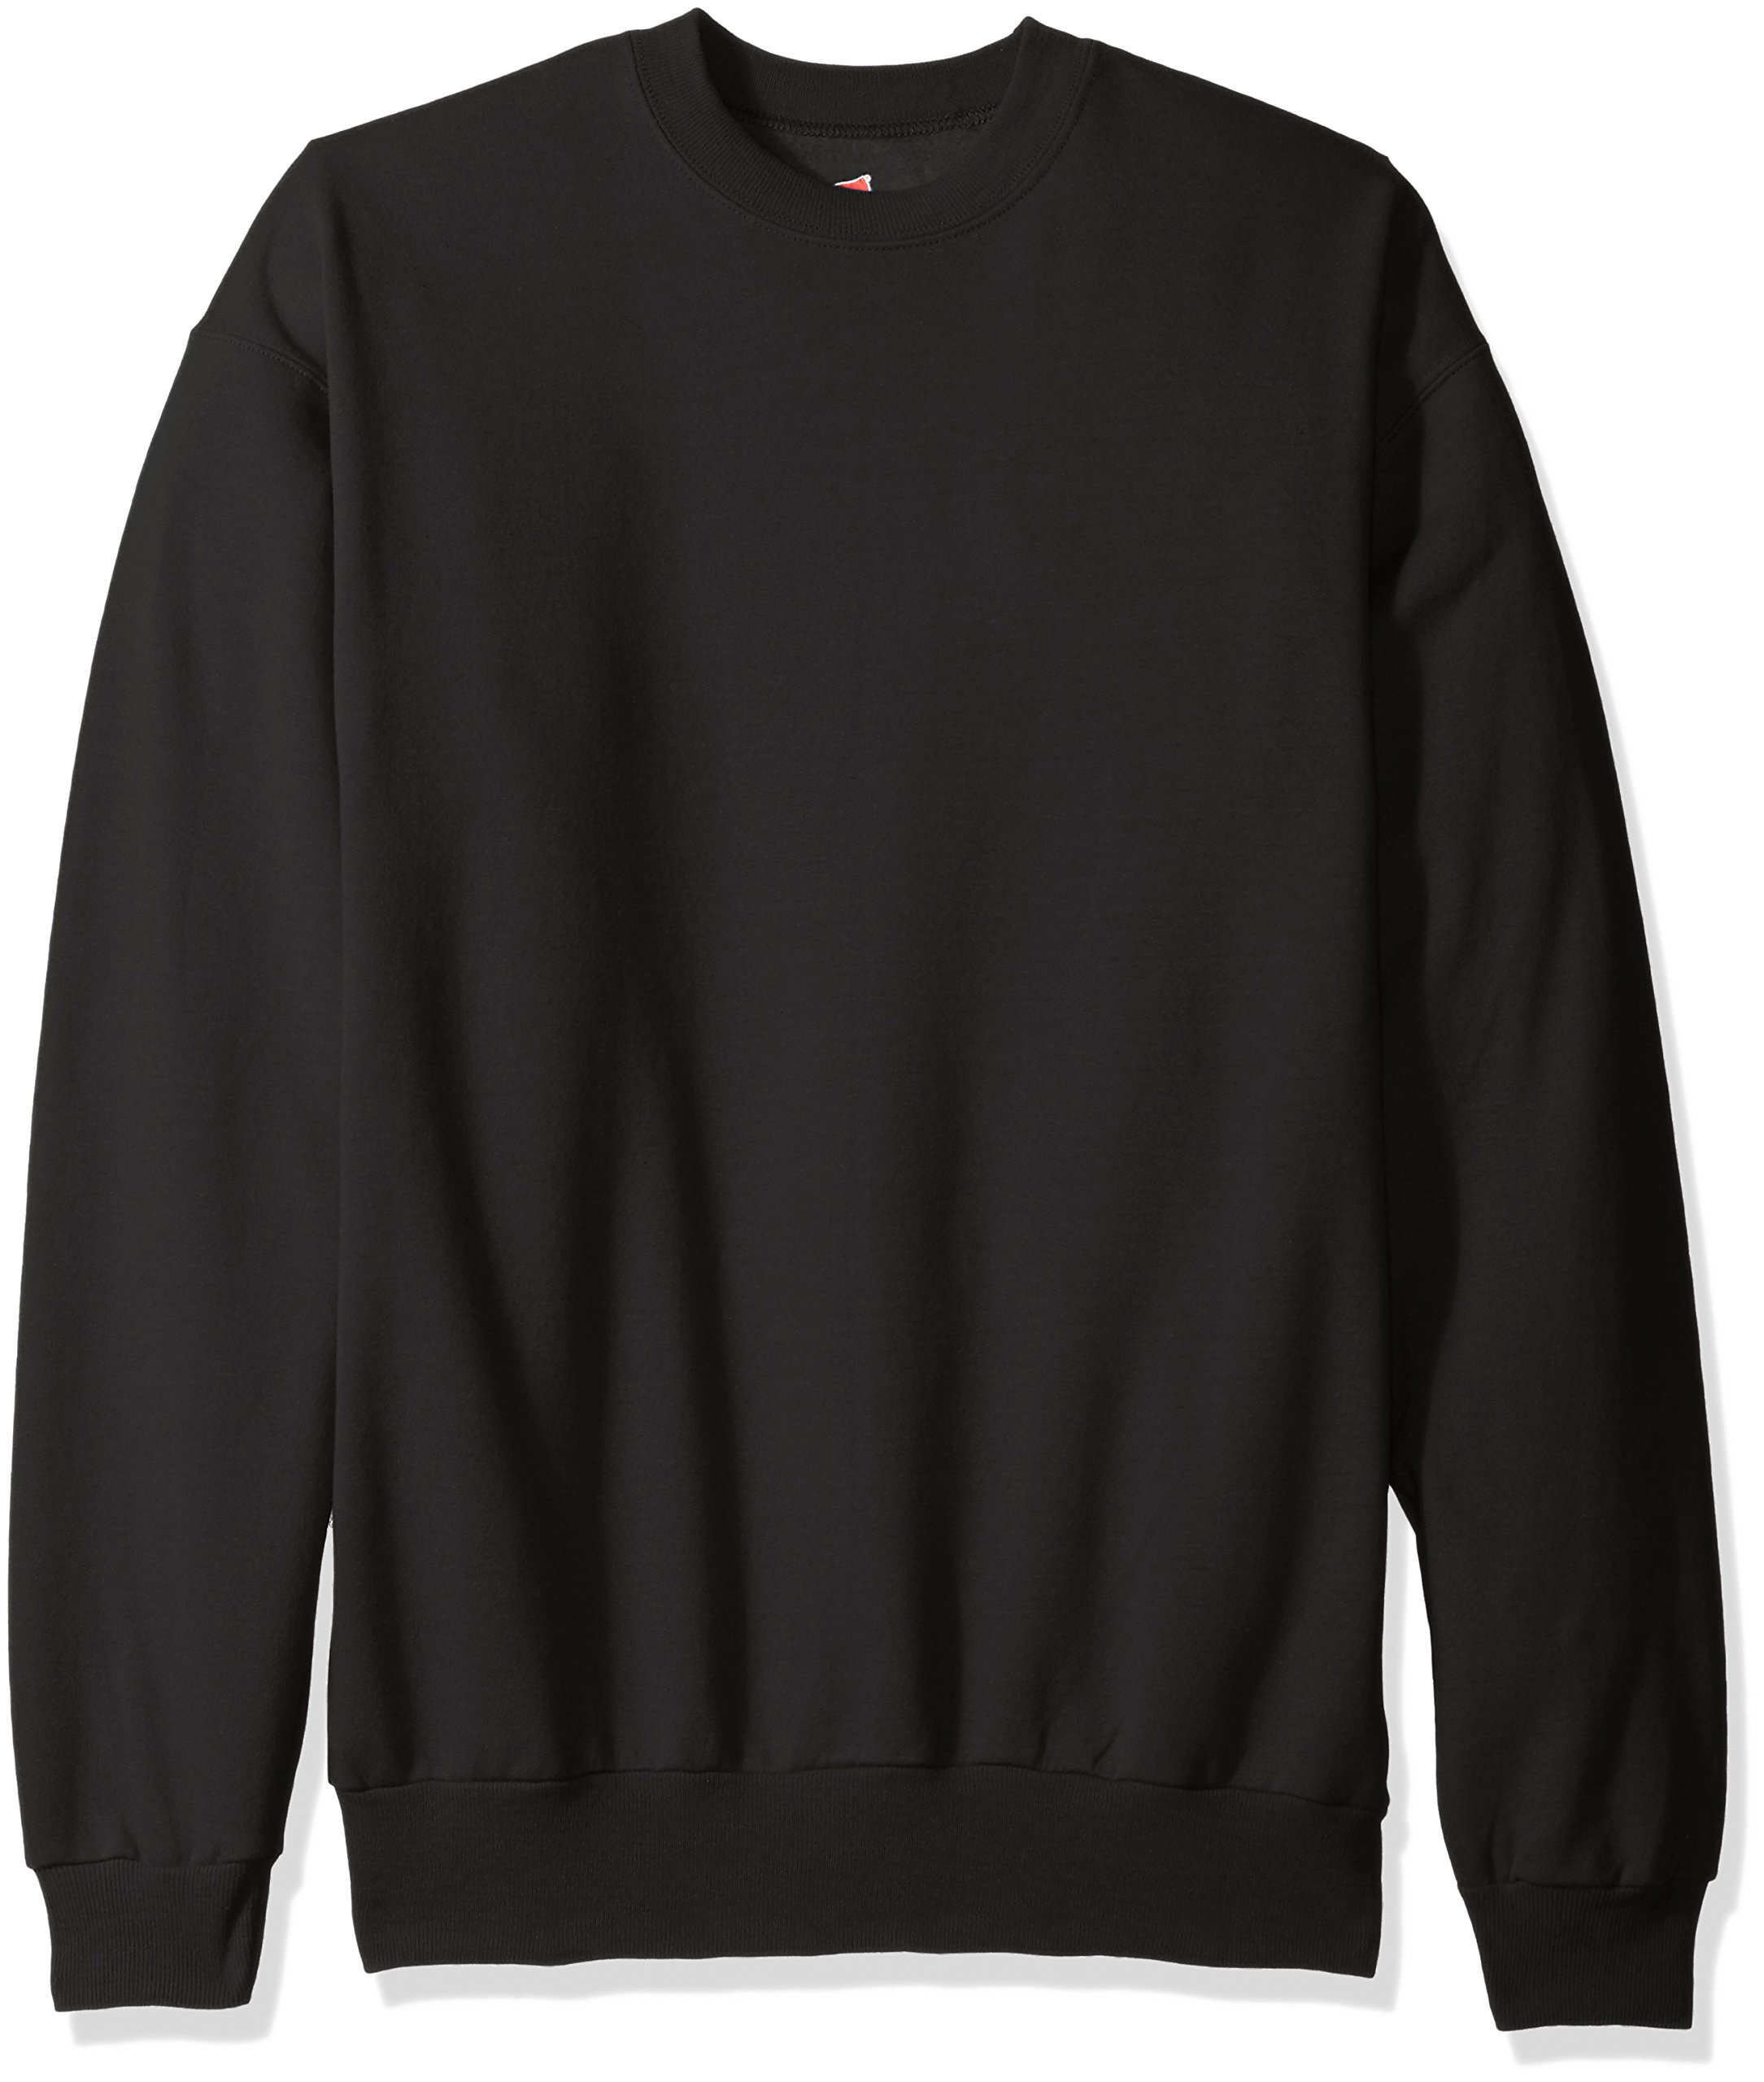 Hanes Men's Ecosmart Fleece Sweatshirt,Black,XL by Hanes